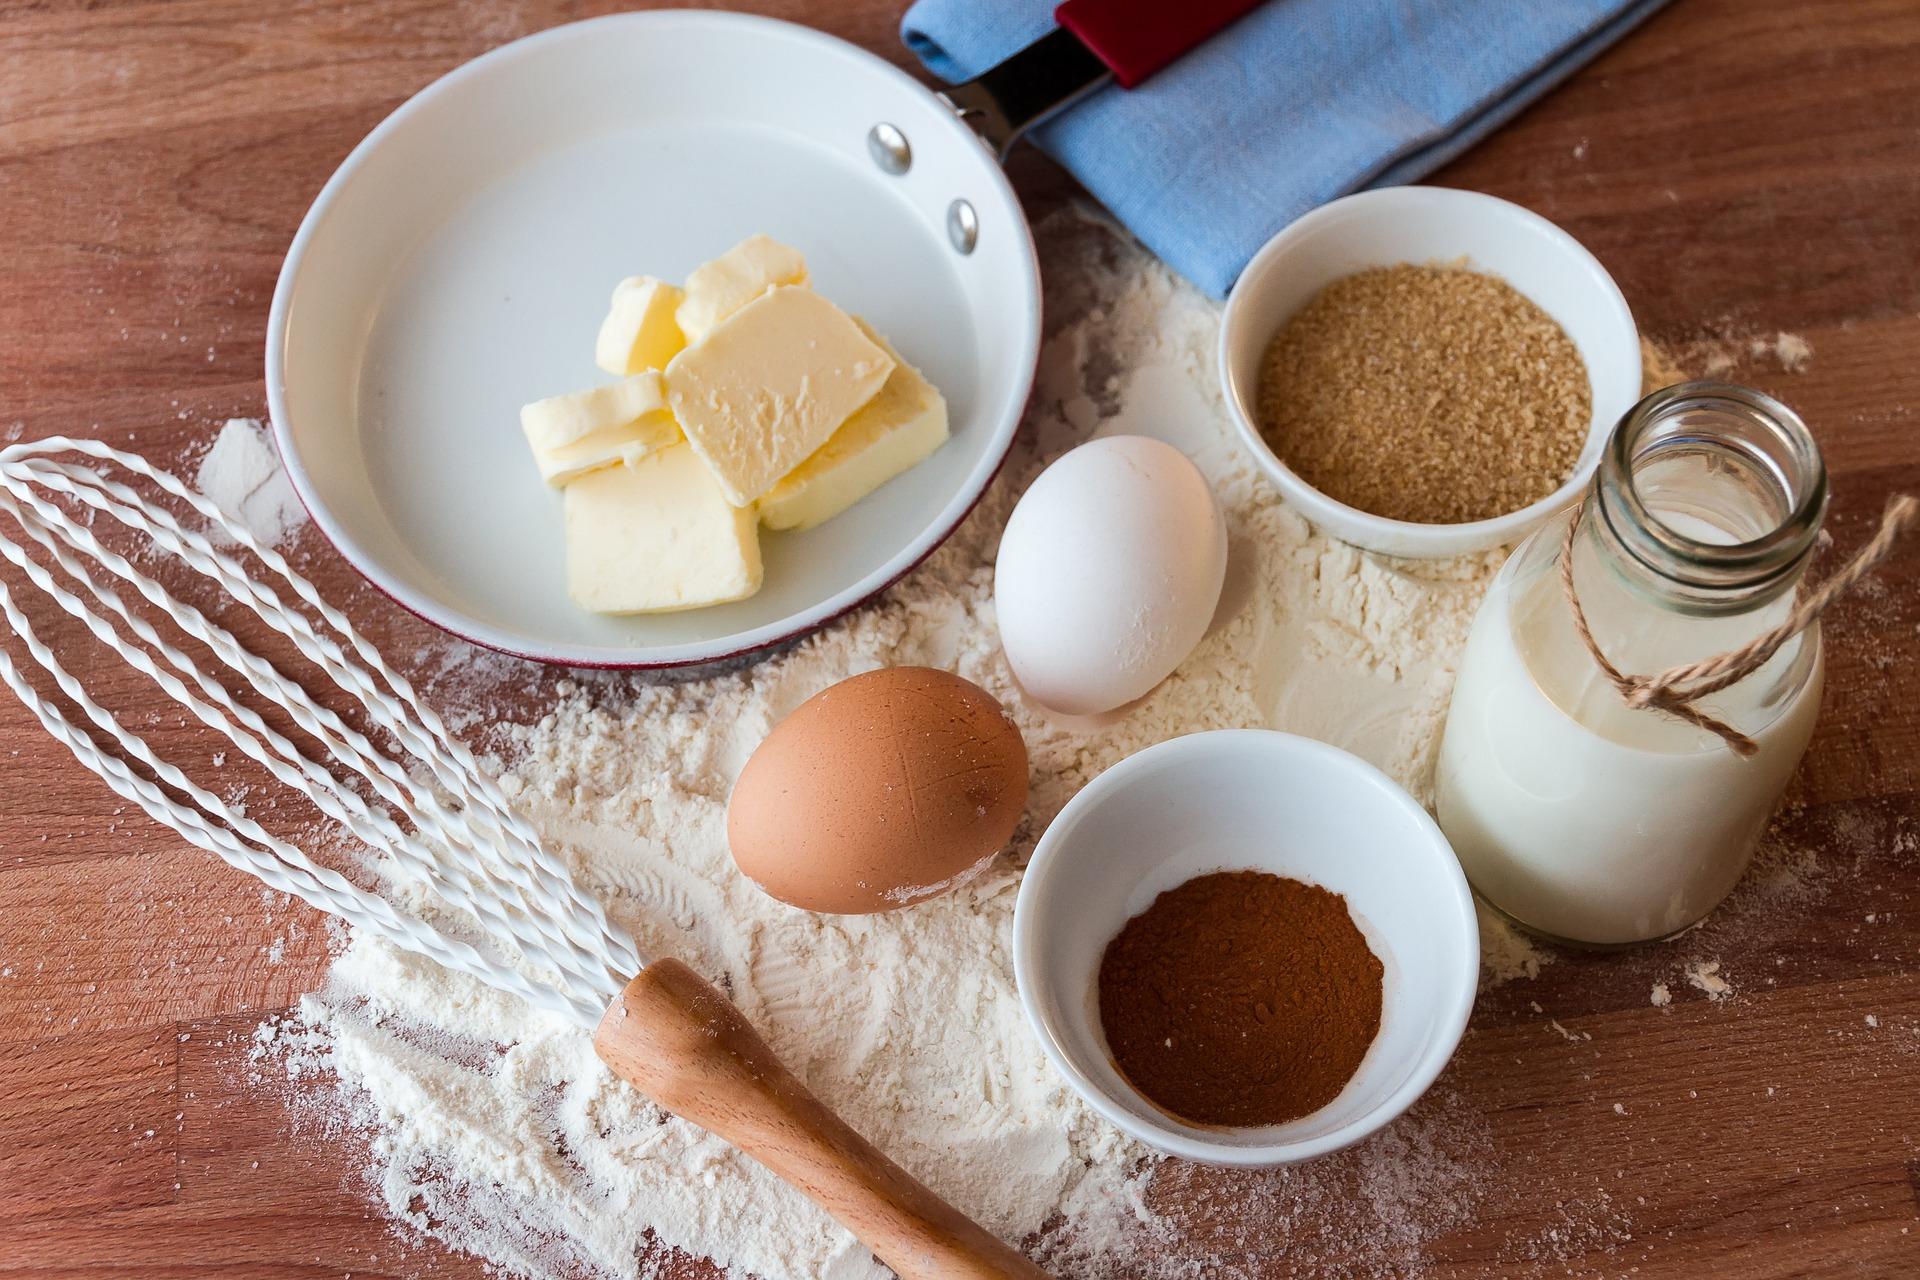 Ételallergia vagy ételintolerancia?